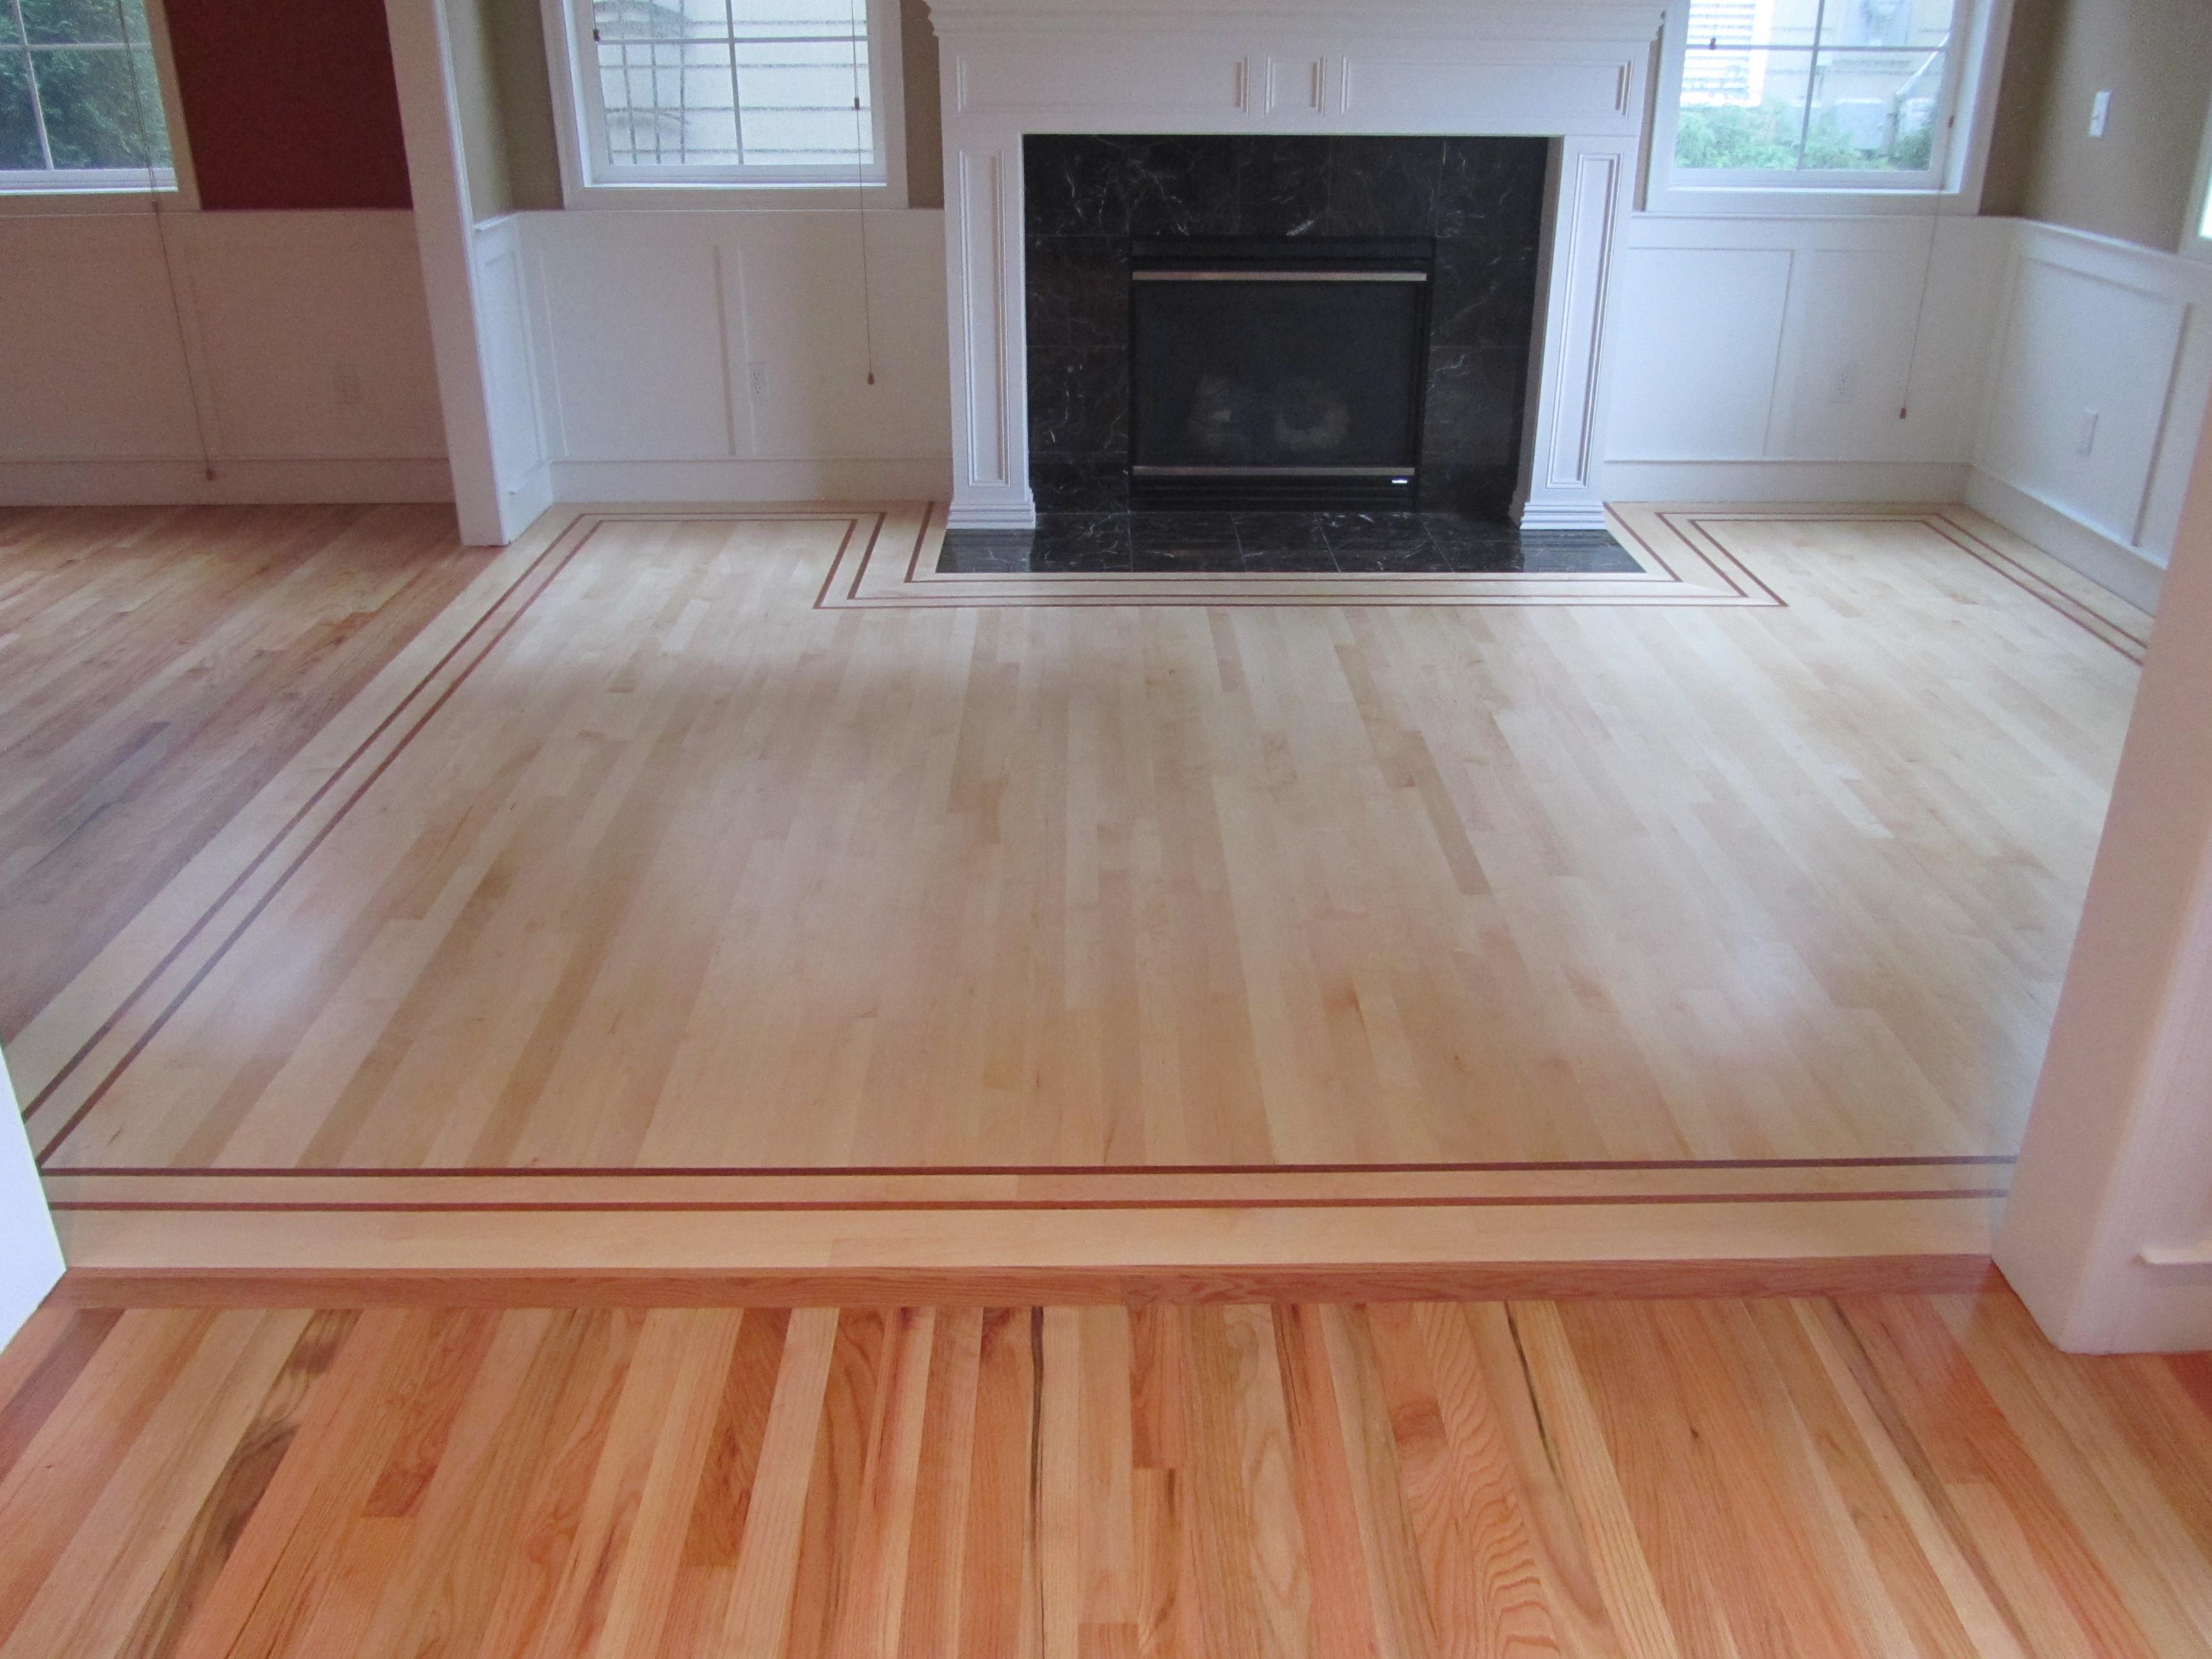 hardwood floor installation richmond va of hardwood floor refinishing richmond va hardwood flooring contractor regarding hardwood floor refinishing richmond va hardwood flooring contractor